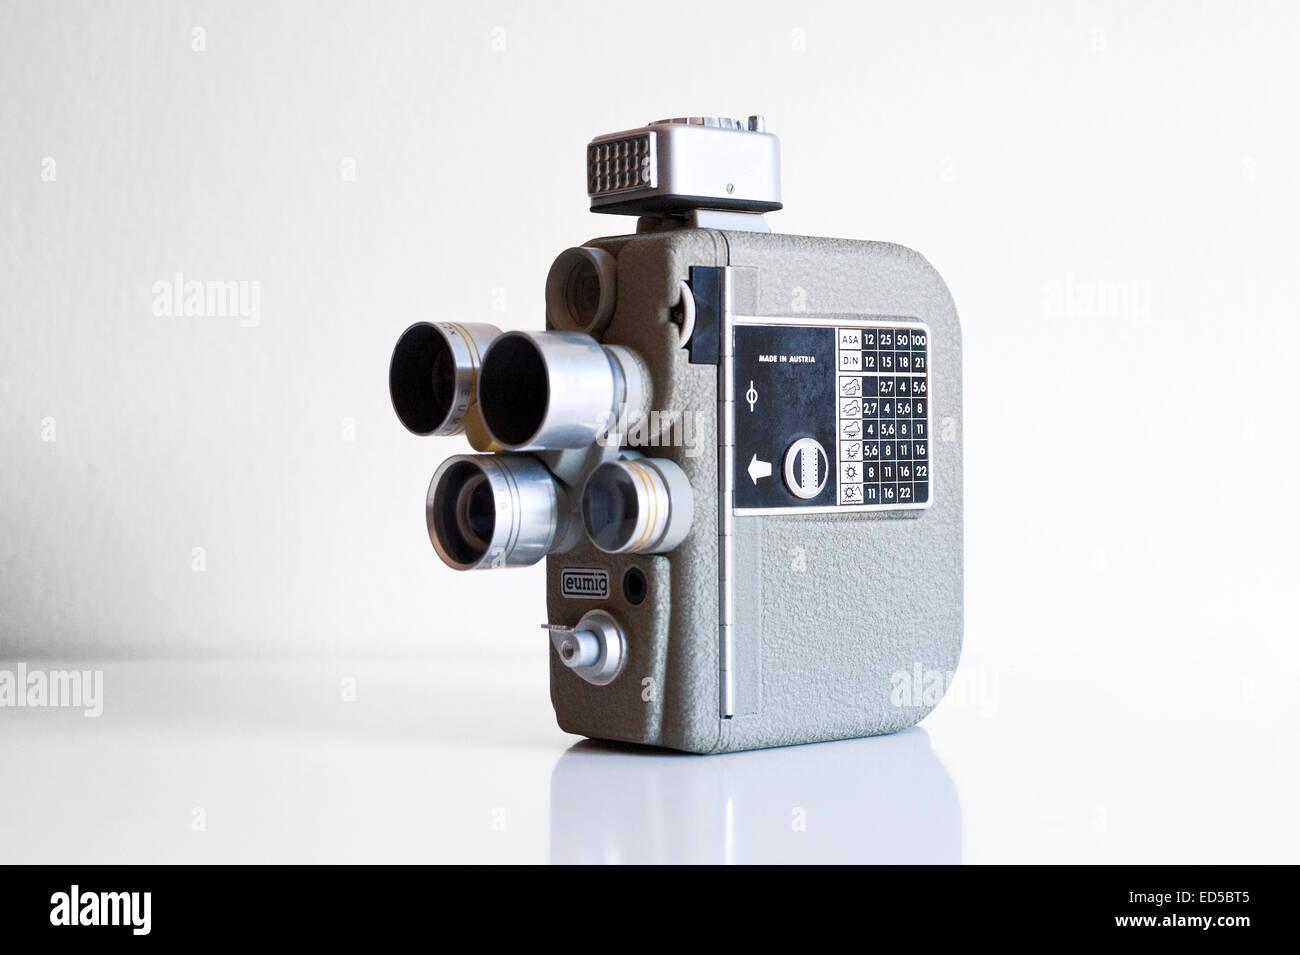 8Mm Vintage Camera old vintage eumig electric model r rotating lens turret 8mm